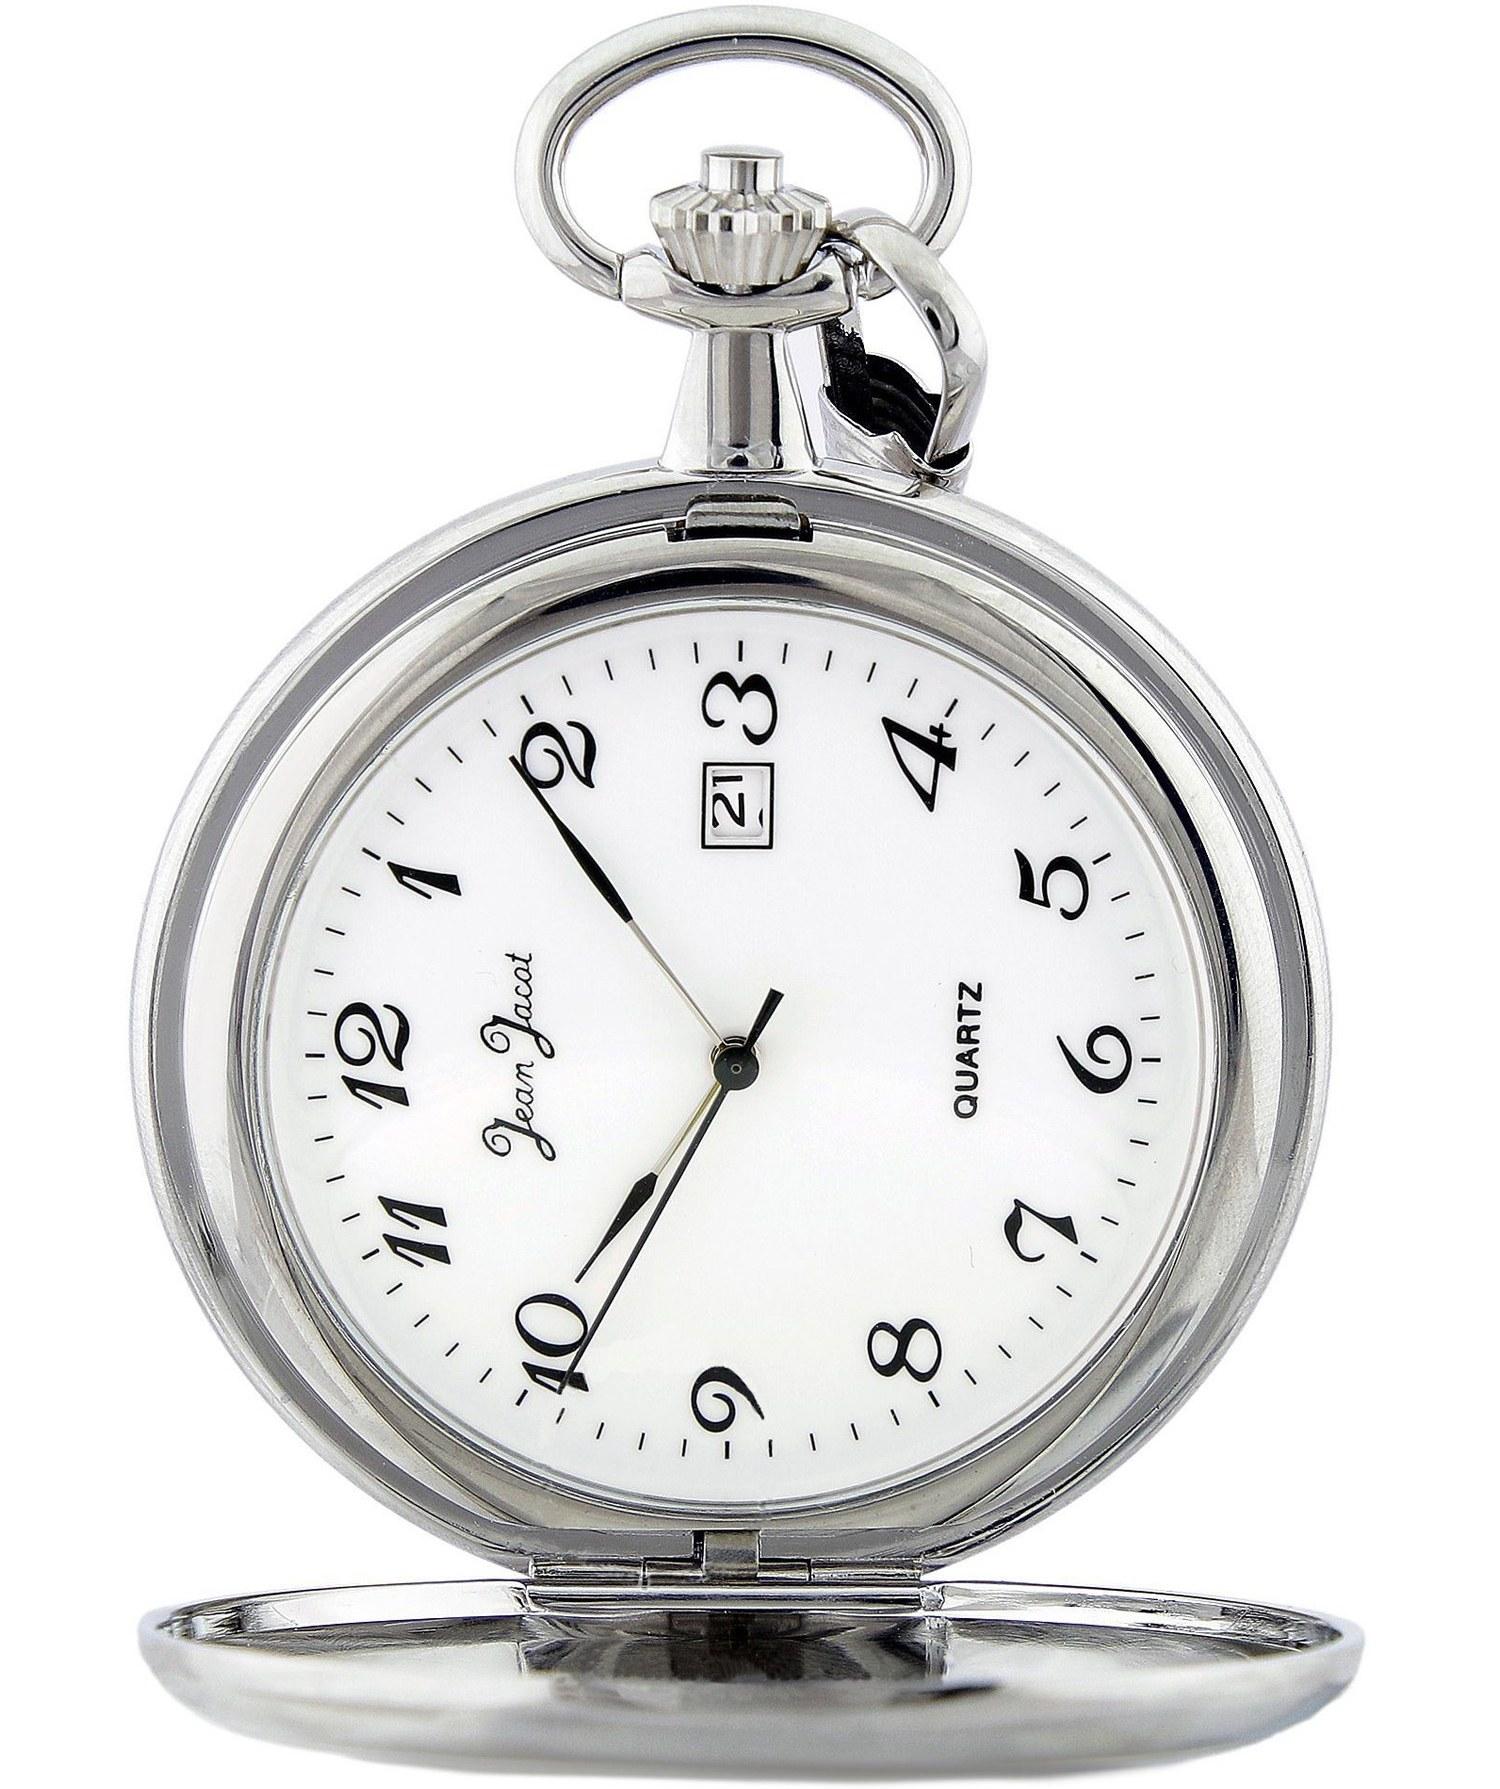 تصویر ساعت جیبی مردانه ژان ژاکت ، کد 1033-QS